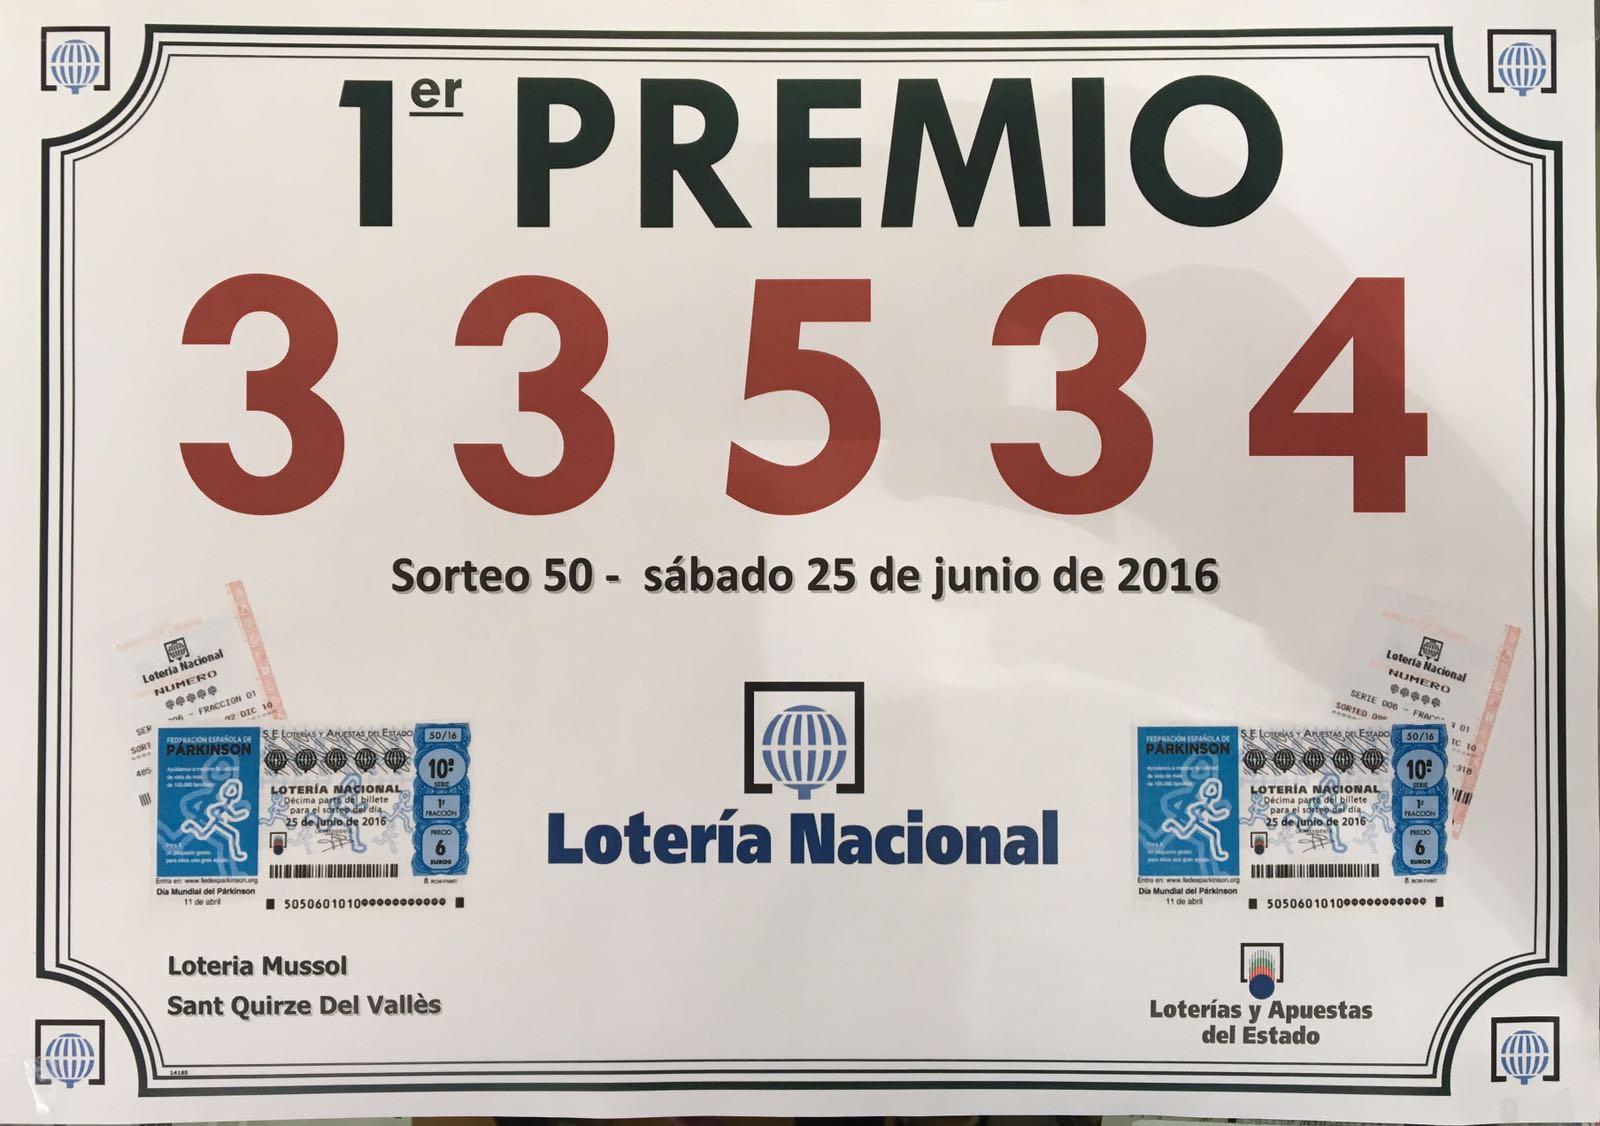 ac5e66a3-046b-4735-9421-73ae11d71812